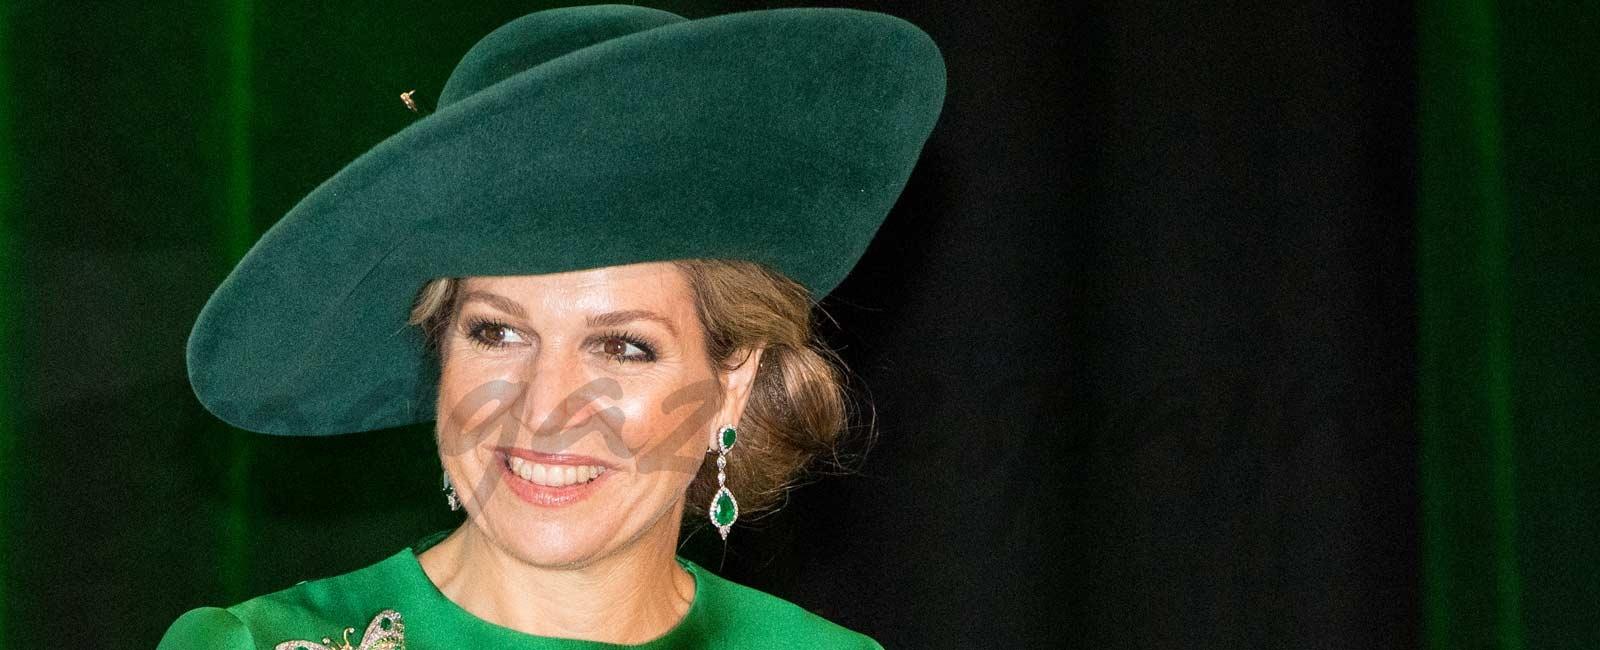 Máxima de Holanda, la reina de los sombreros